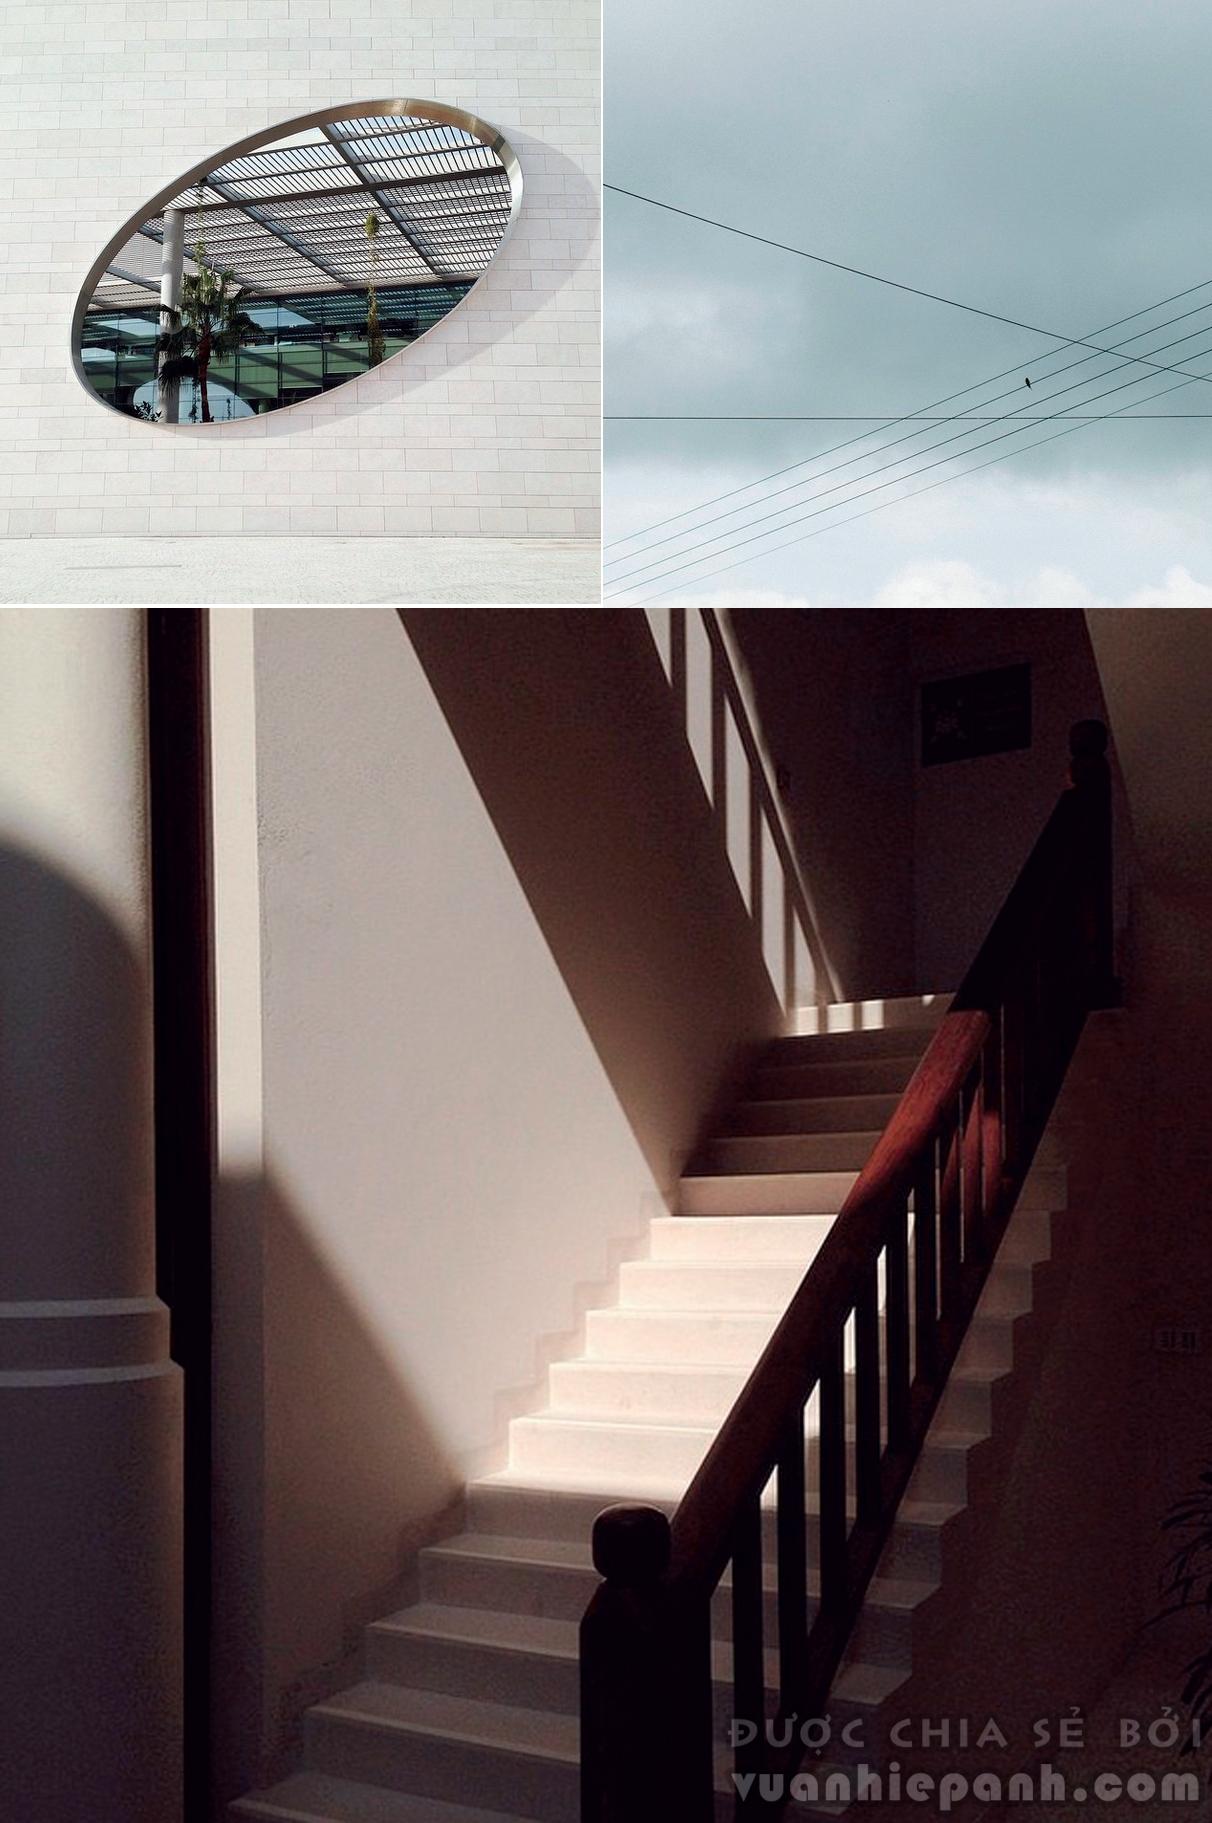 Background trắng mang đến cảm giác về không gian rộng và thoáng cho bức hình